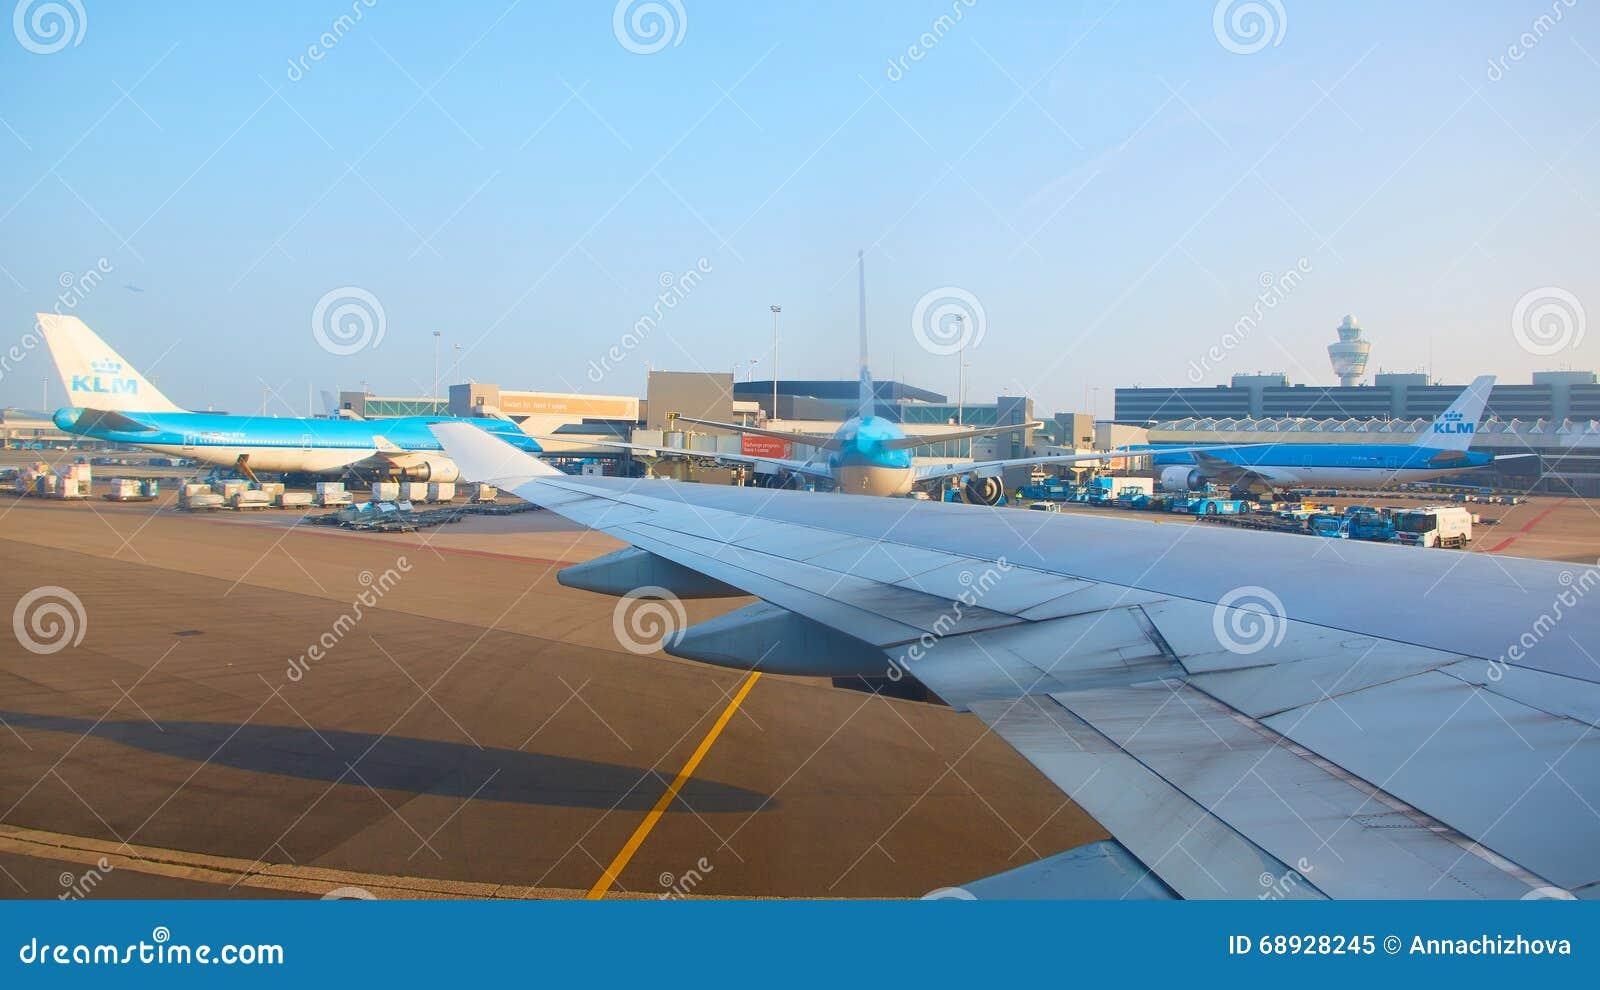 Aeropuerto Schiphol de Amsterdam en Países Bajos